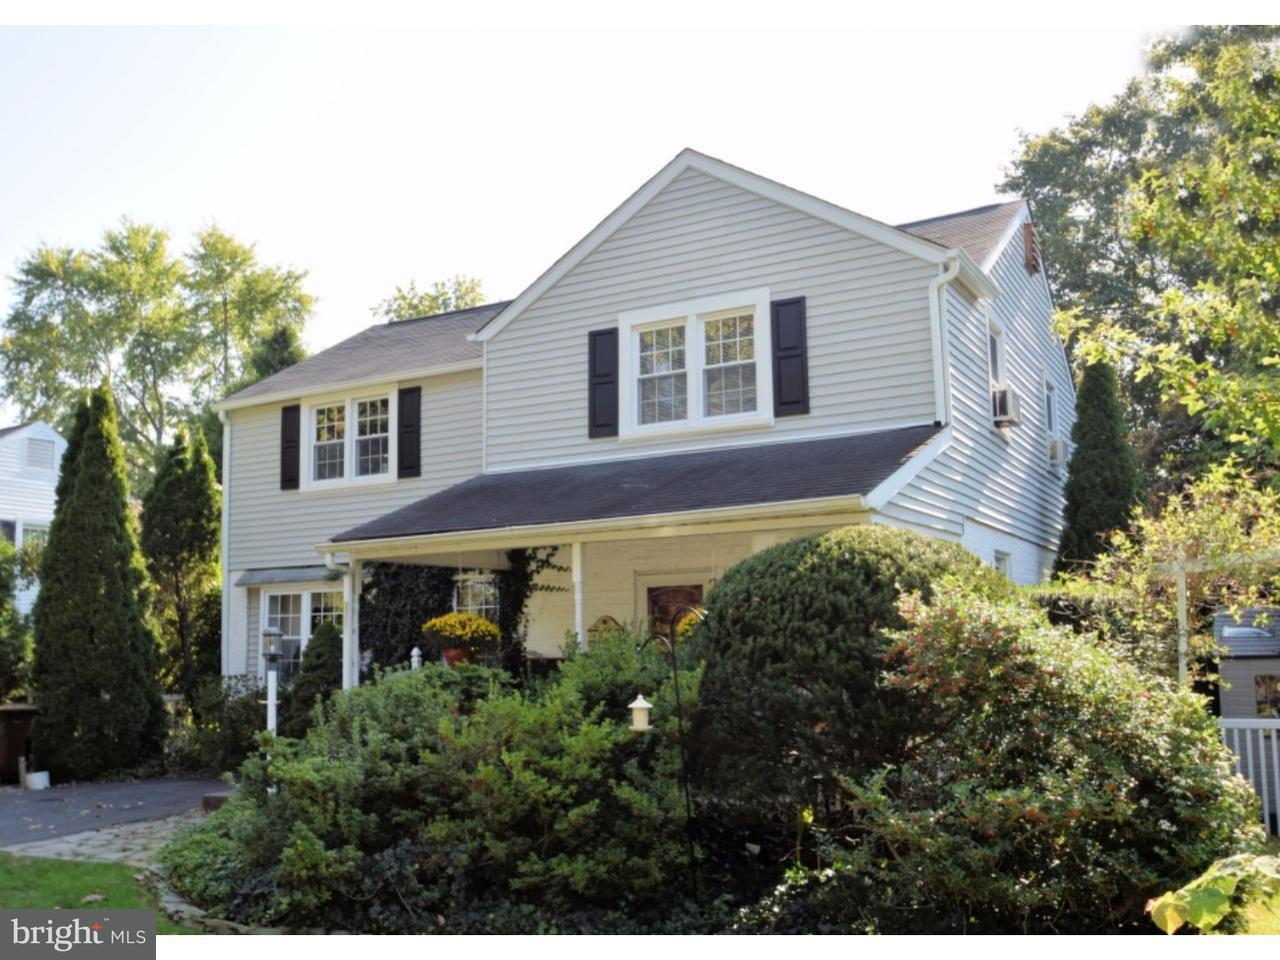 Частный односемейный дом для того Продажа на 324 TWINING Road Oreland, Пенсильвания 19075 Соединенные Штаты